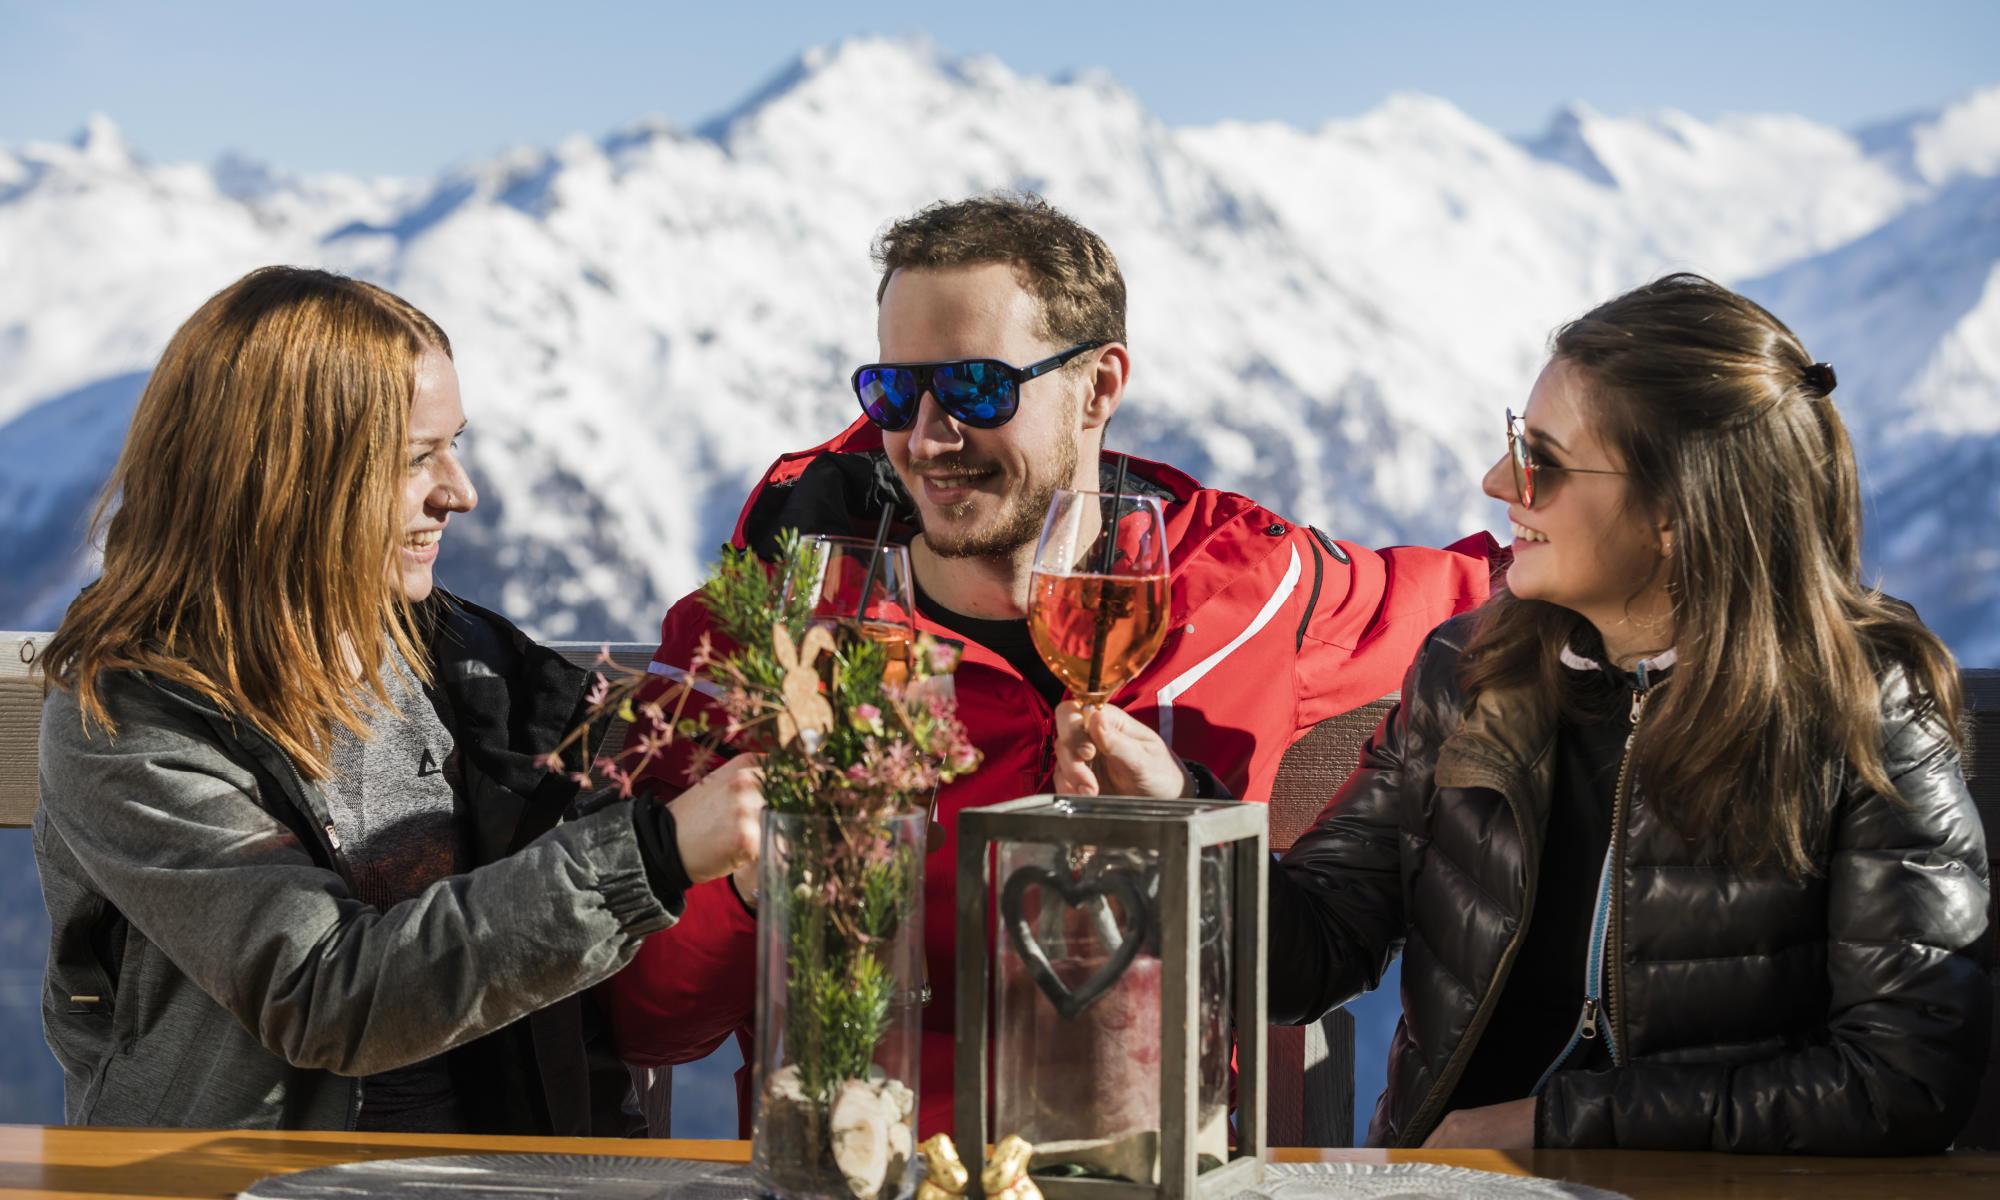 3 amici brindano felici di fronte a una montagna innevata.